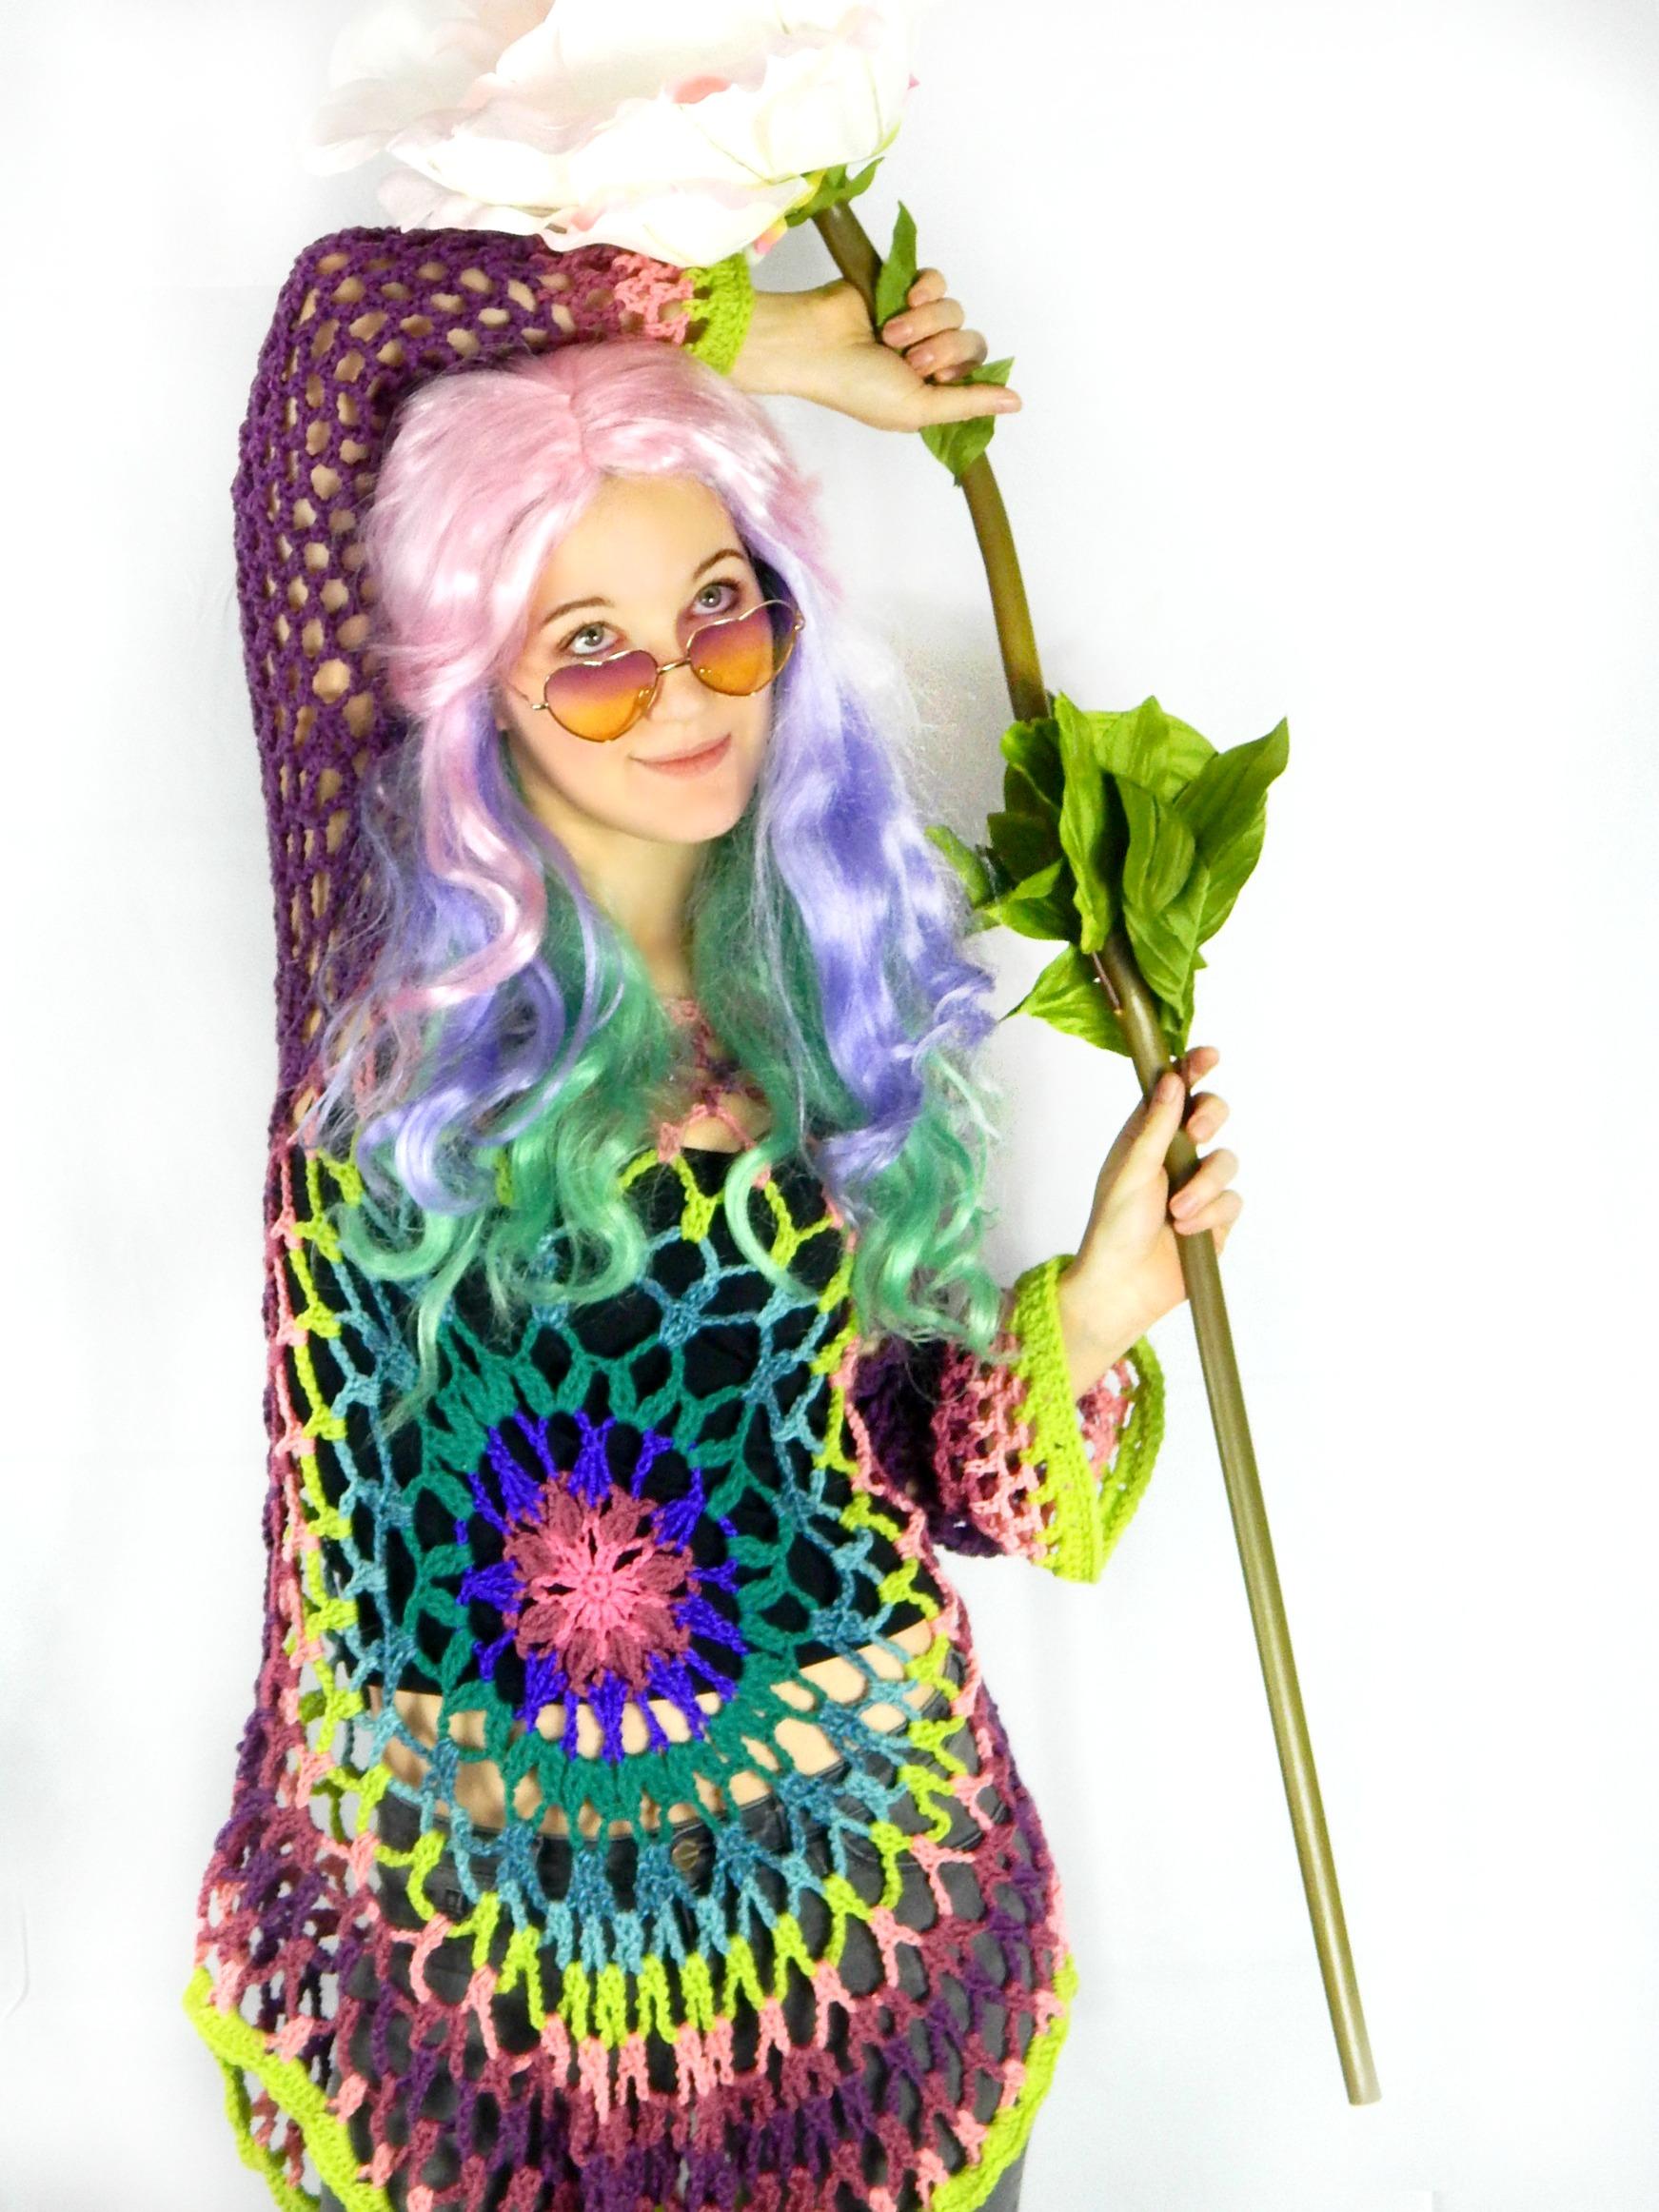 flowerchild13-1